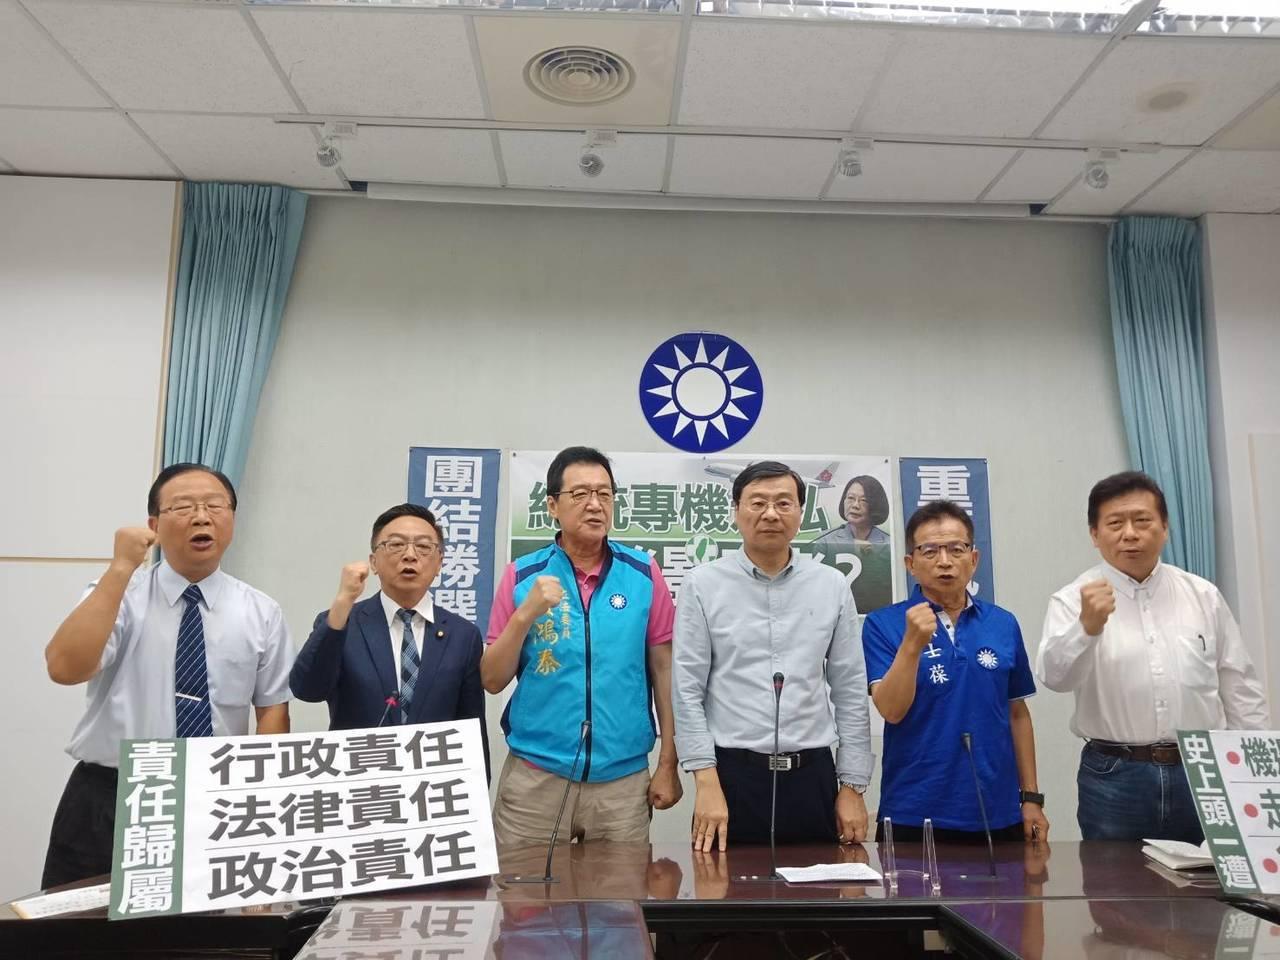 藍緊咬陳菊在私菸案中的政治責任。圖/國民黨團提供